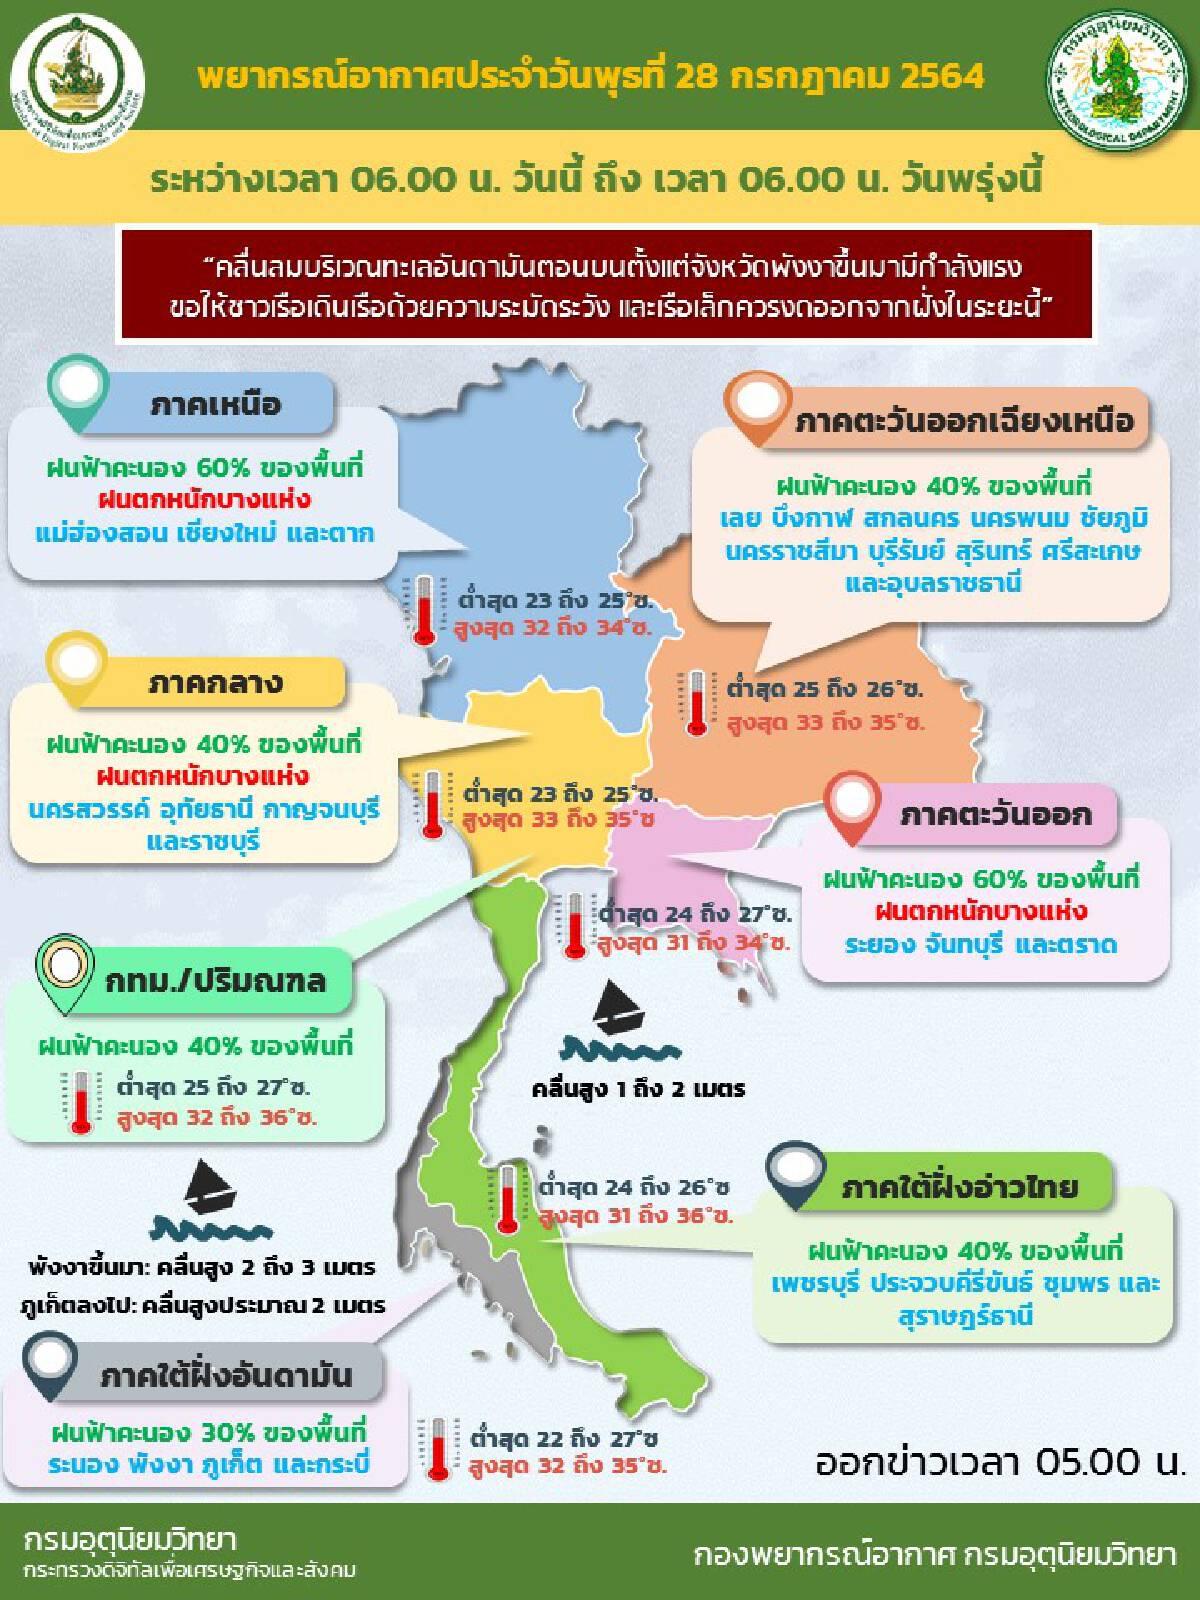 กรมอุตุฯ เผย เหนือ-กลาง-ตะวันออก มีฝนหนักในบางแห่ง ระวังน้ำท่วมฉับพลัน